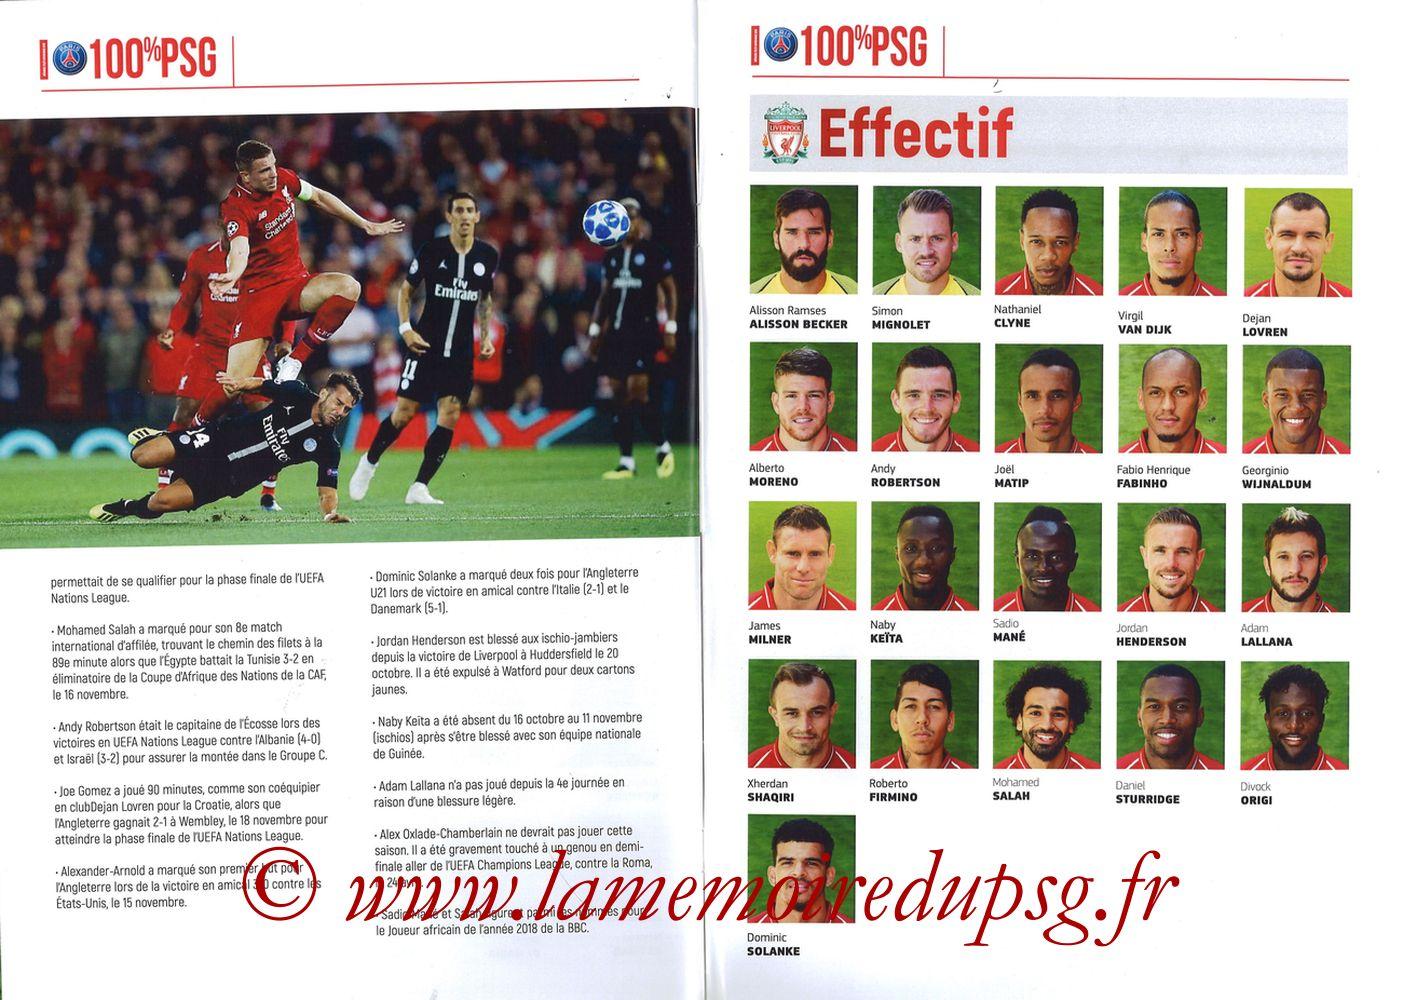 2018-11-28  PSG-Liverpool (5ème Poule C1, 100% PSG N° 172) - Pages 10 et 11